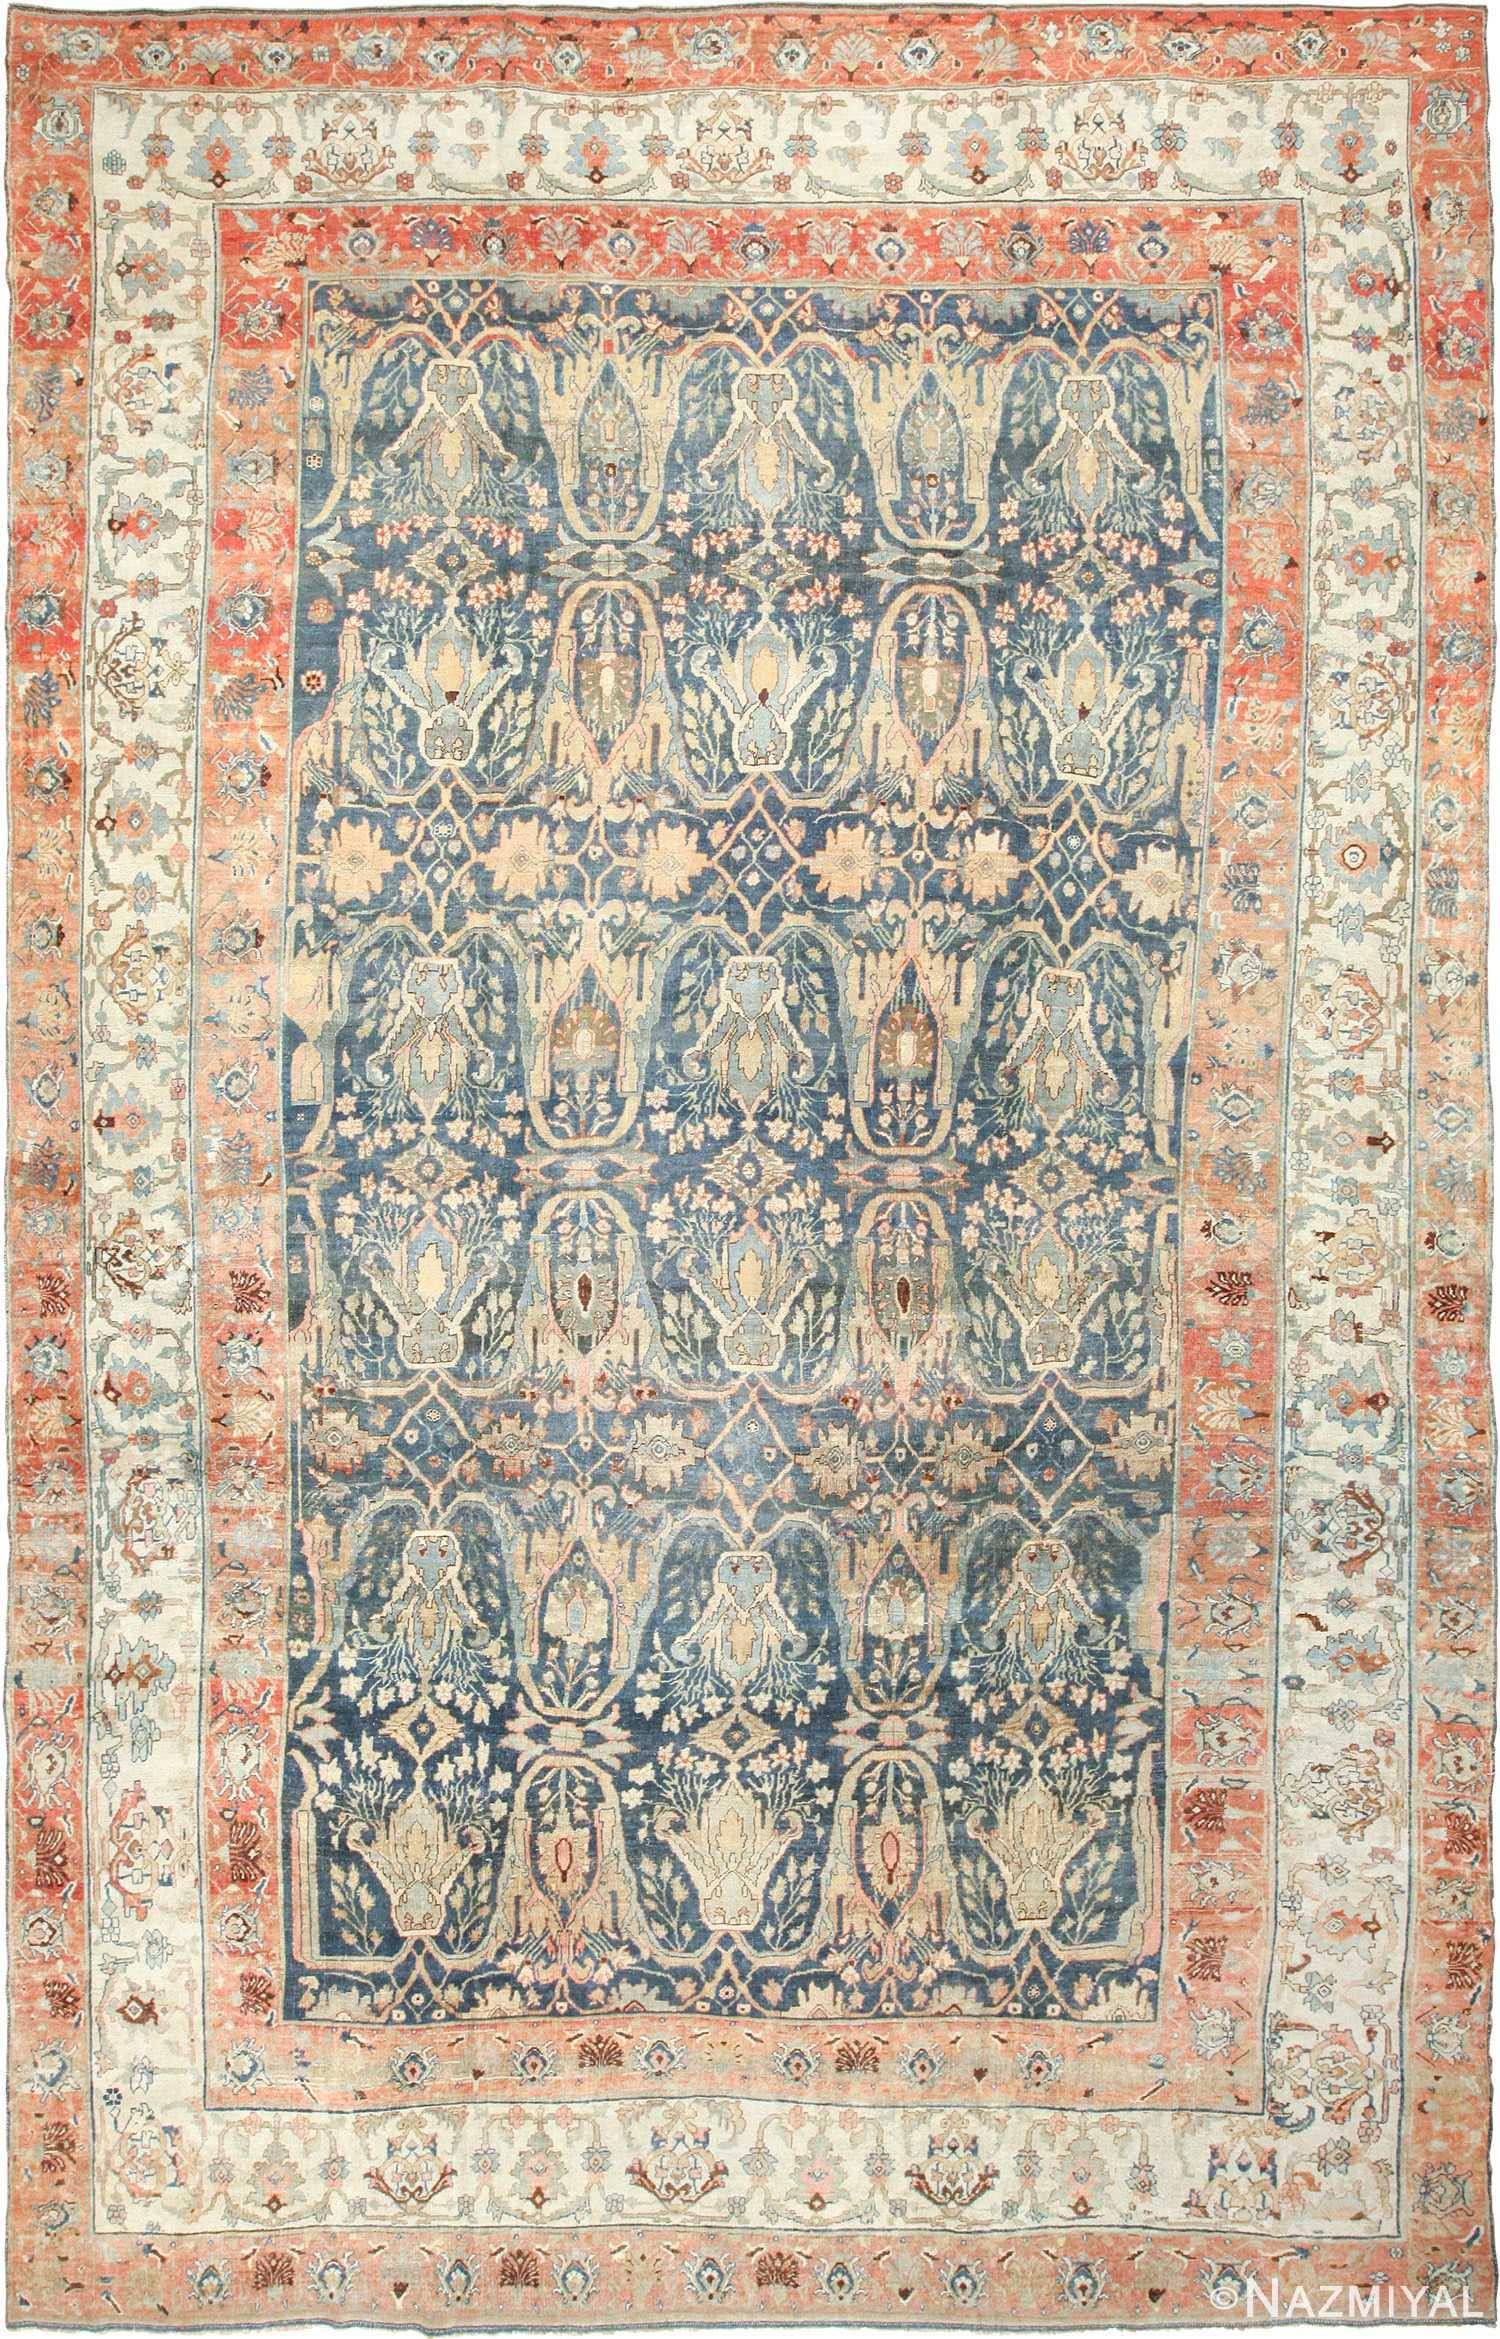 large blue background antique bidjar persian rug 50217 Nazmiyal